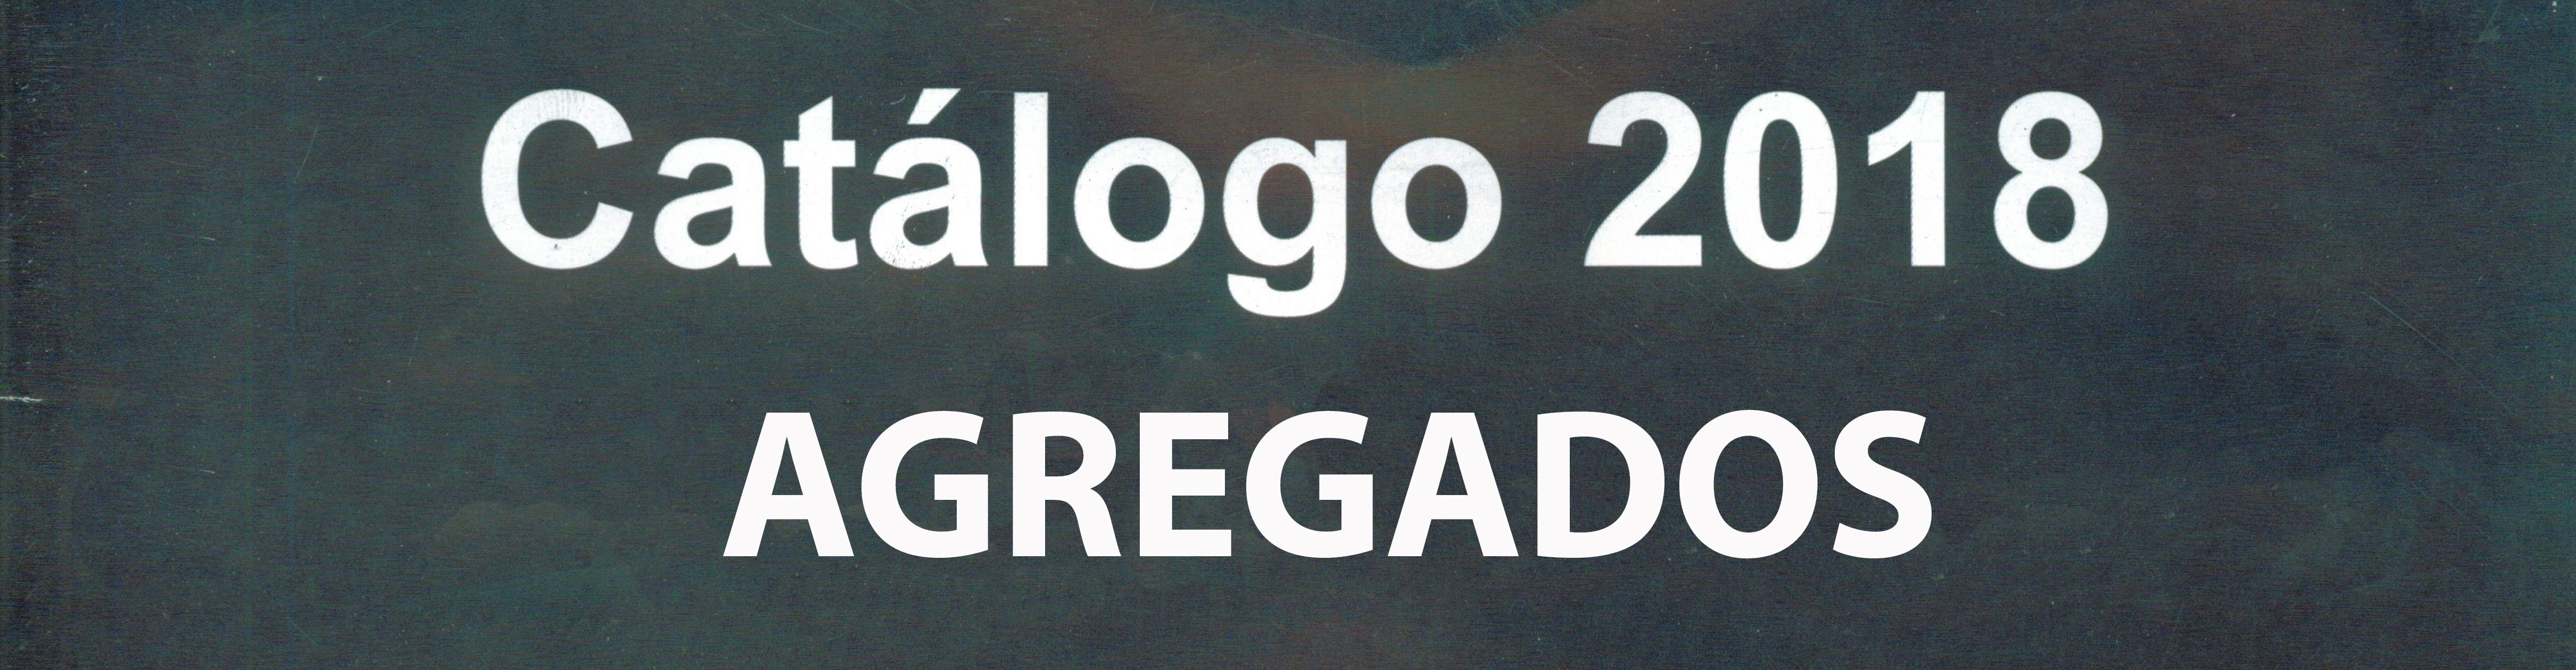 AGREGADOS CATALOGO 2018 (SETIEMBRE 2019) (1)